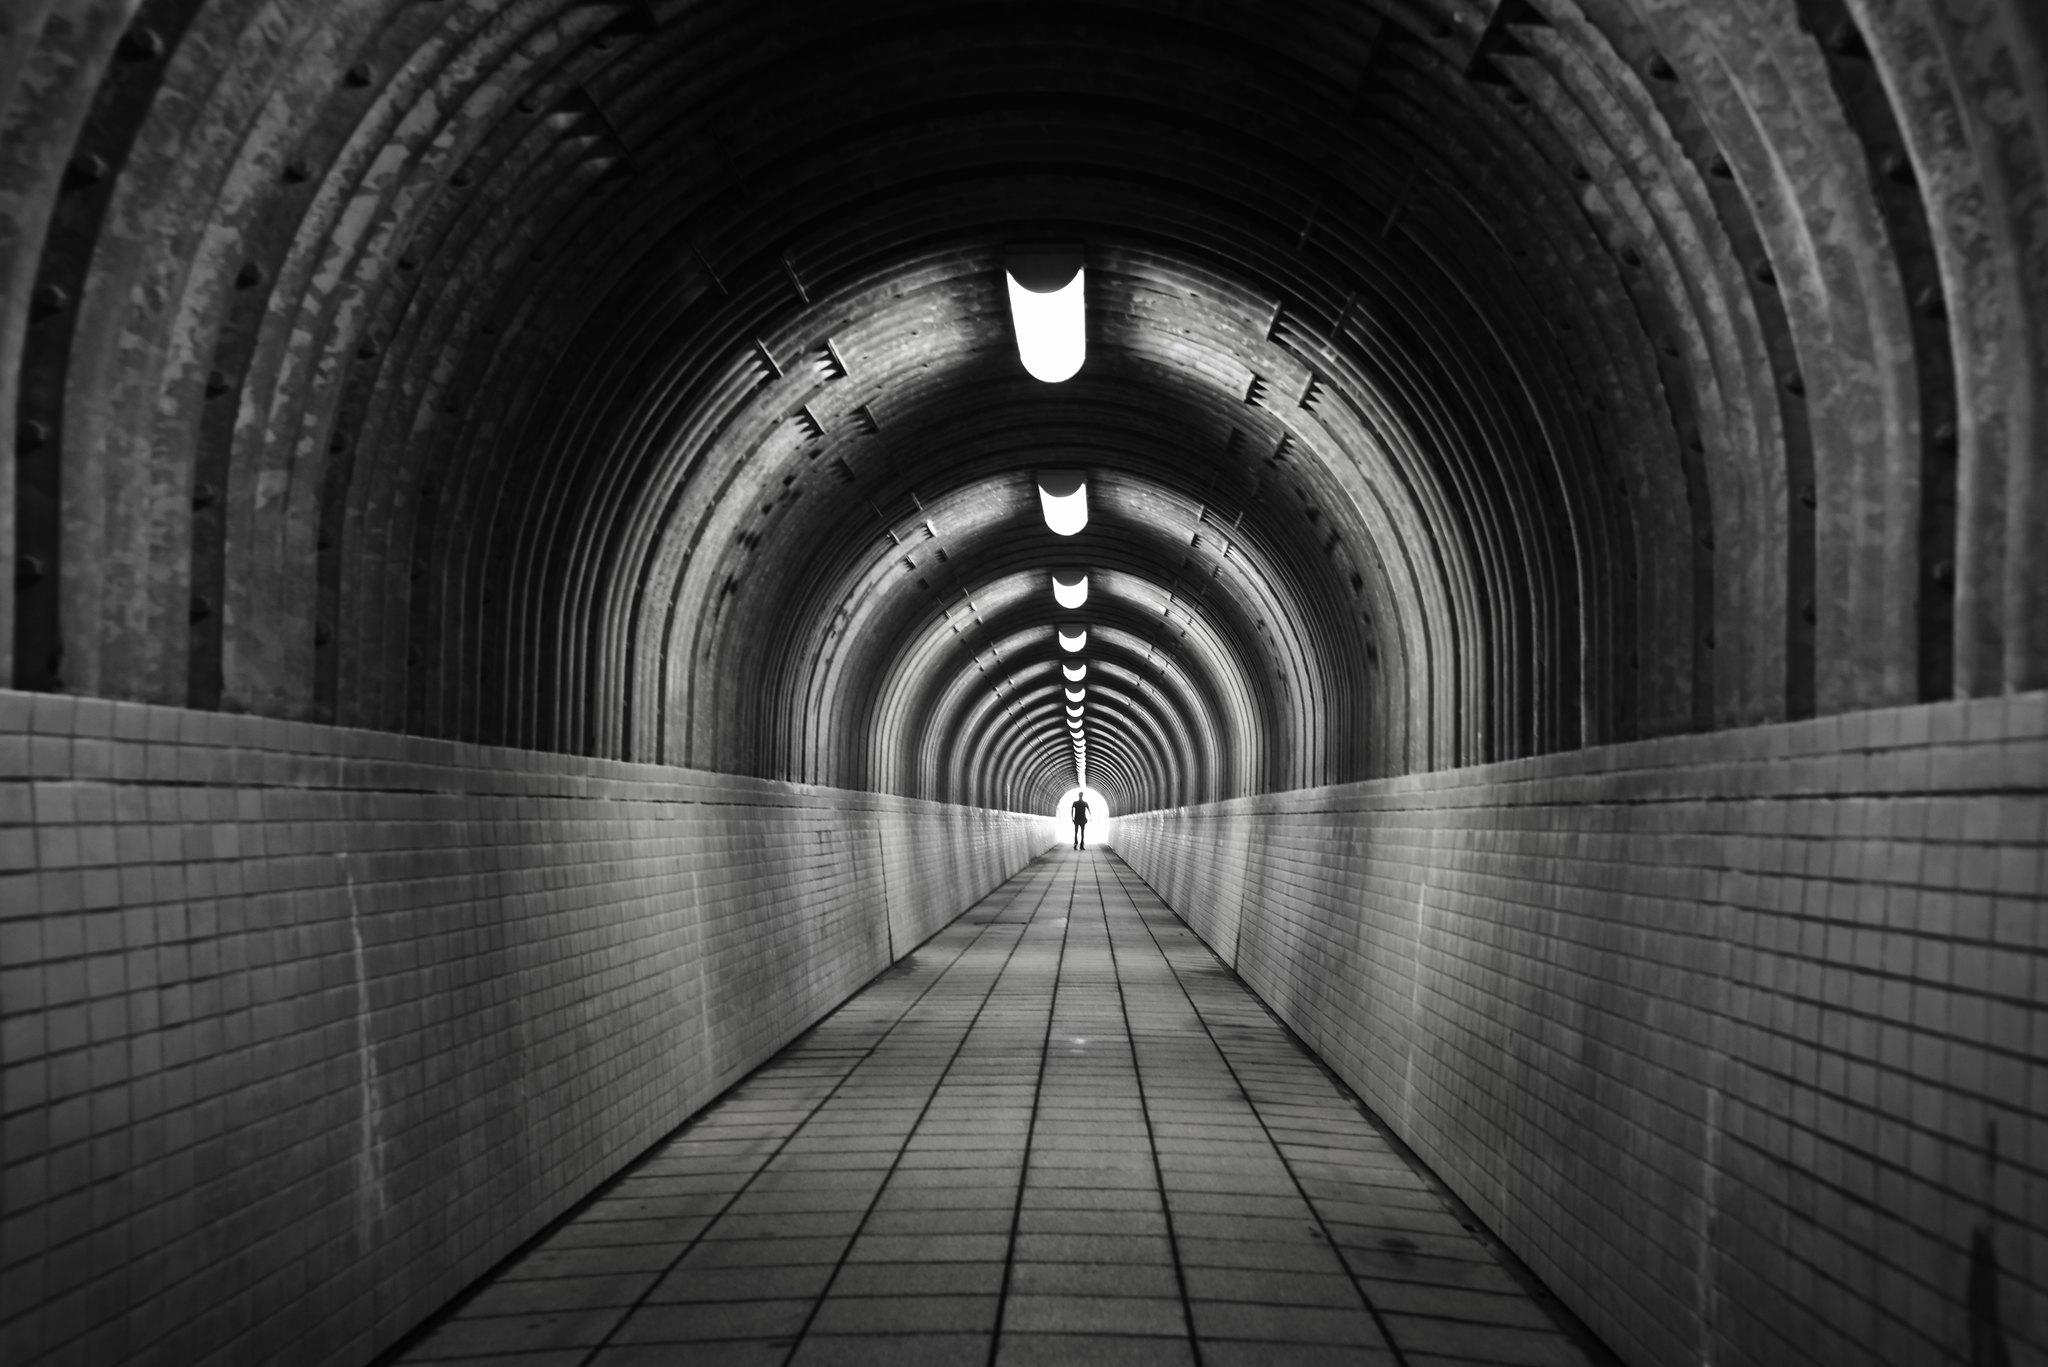 Tunnel, go ahead